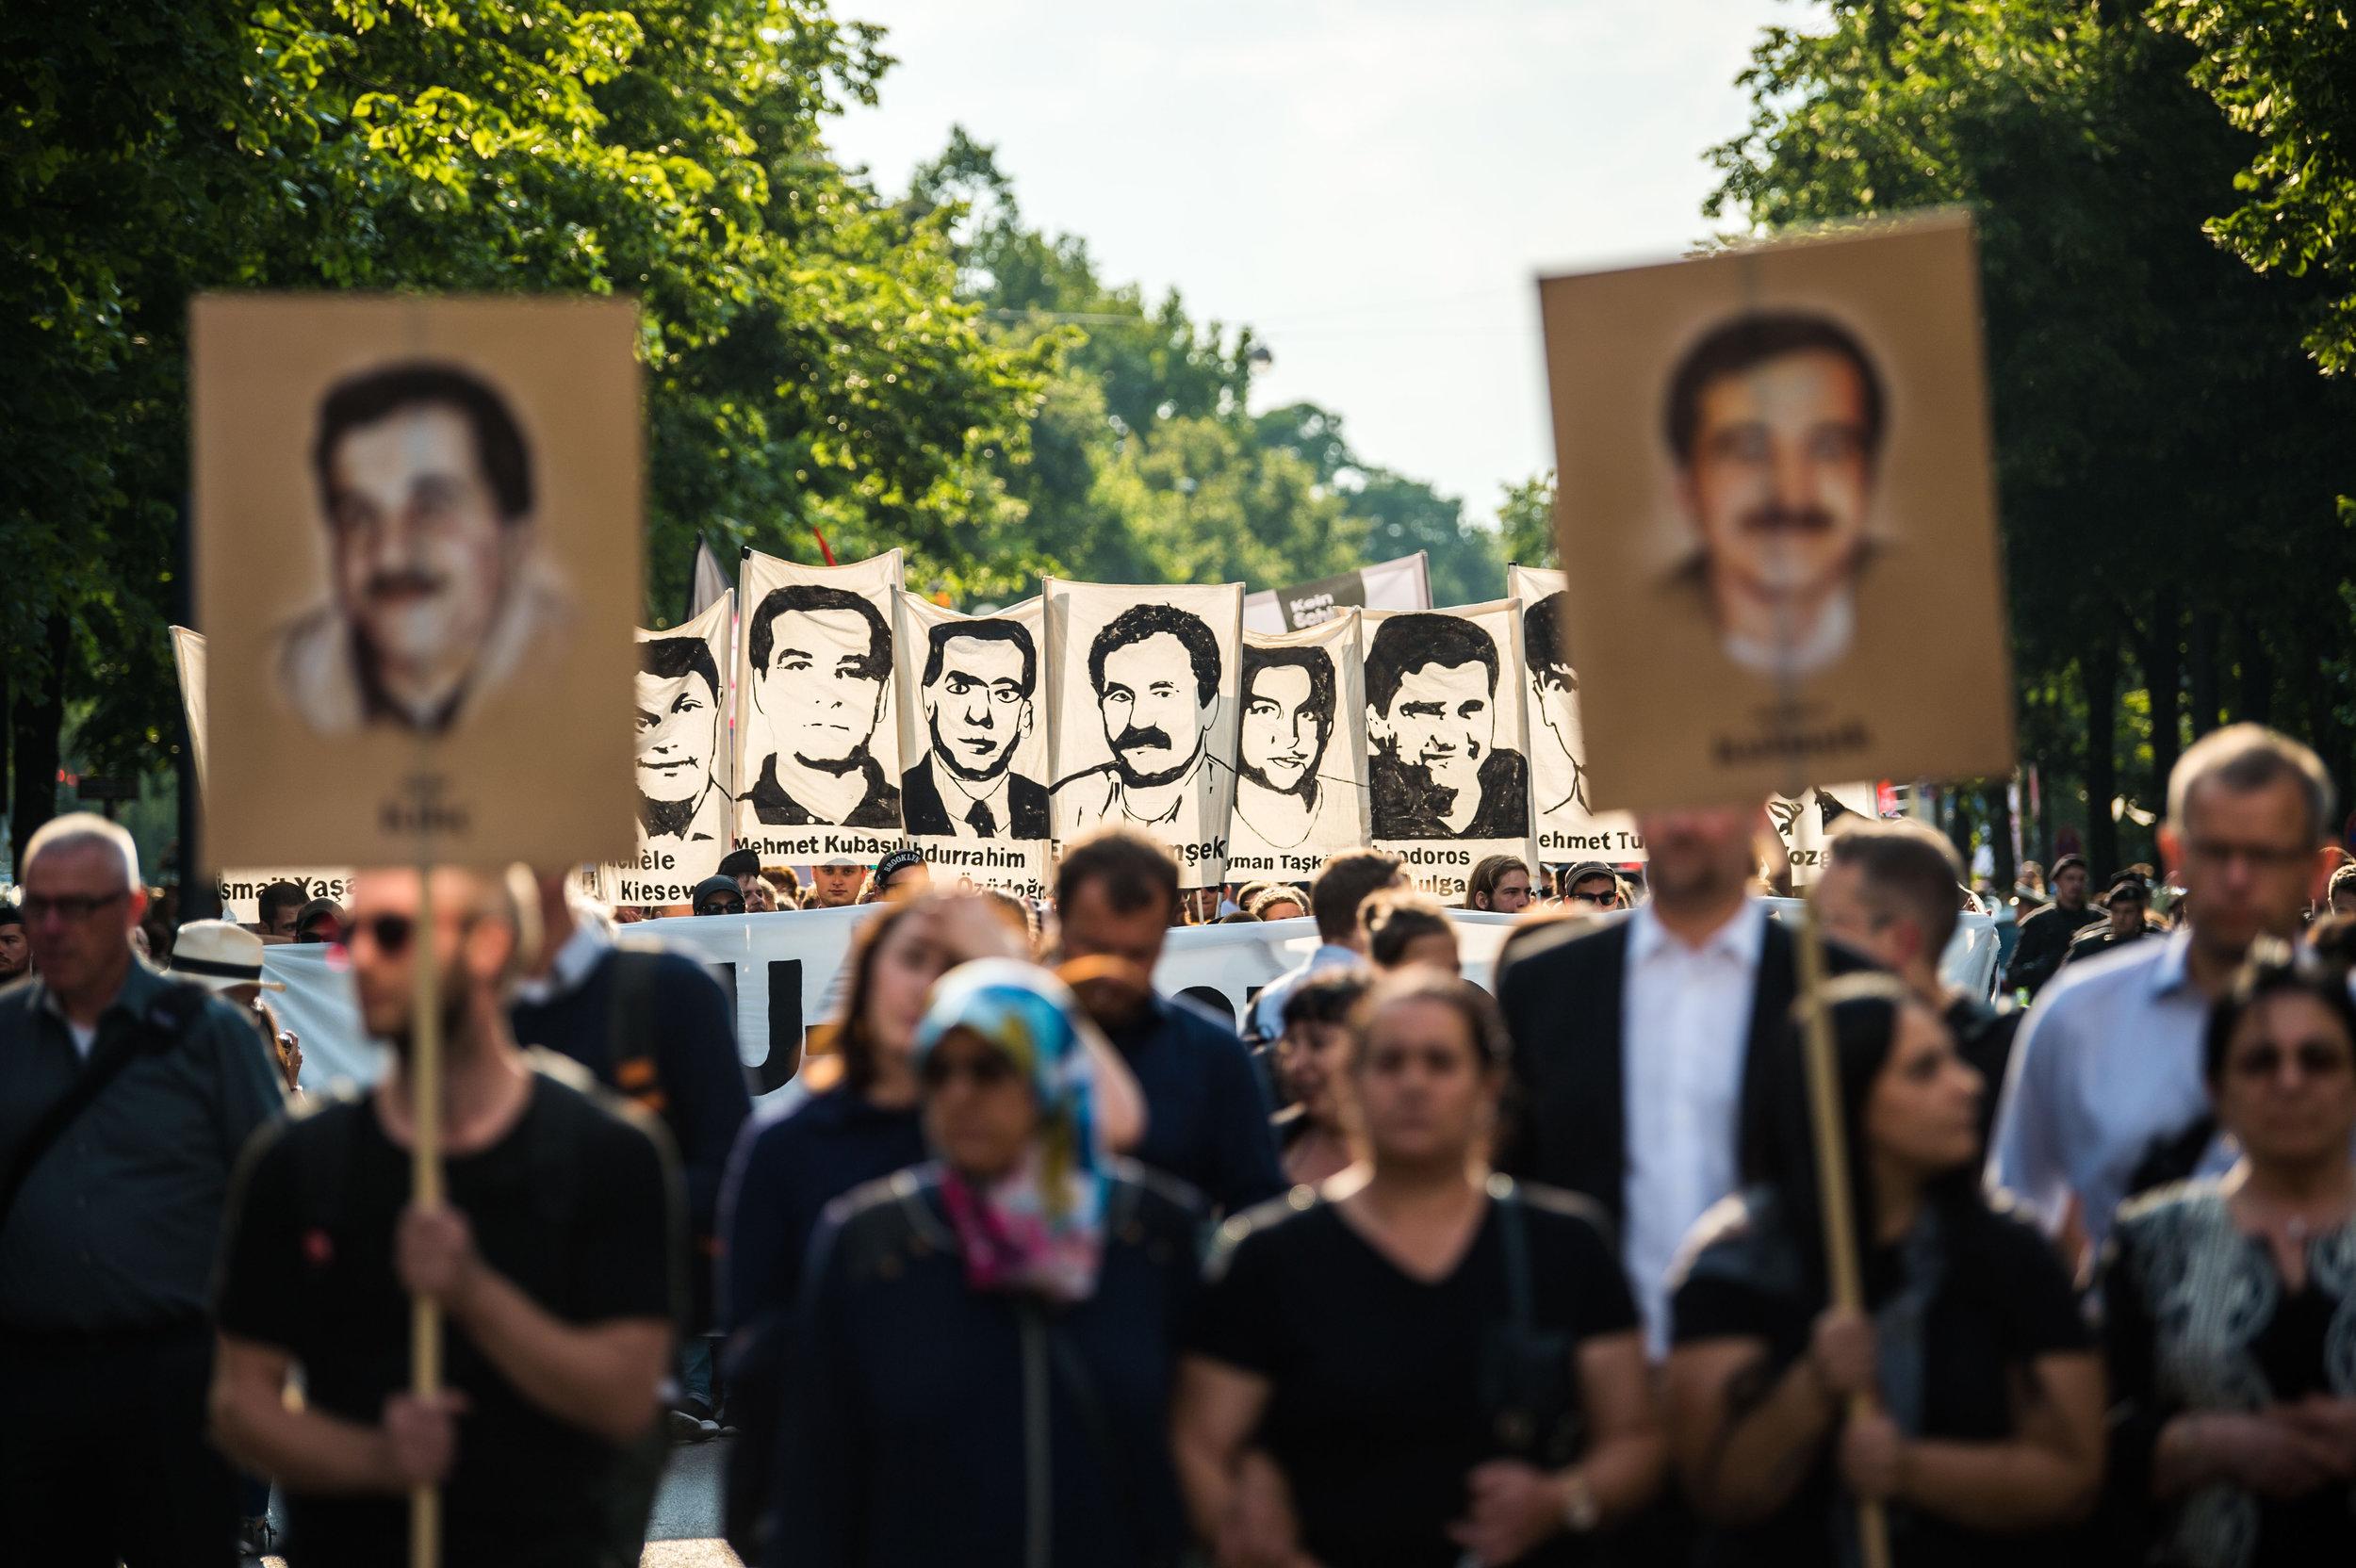 11.07.2018, Bayern, München:  Demonstranten halten bei einer Kundgebung Schilder mit Porträtabbildungen der NSU-Opfer. In München war am Morgen der Prozess gegen den rechtsterroristischen NSU mit Schuldsprüchen zu Ende gegangen. Foto: Lino Mirgeler/dpa